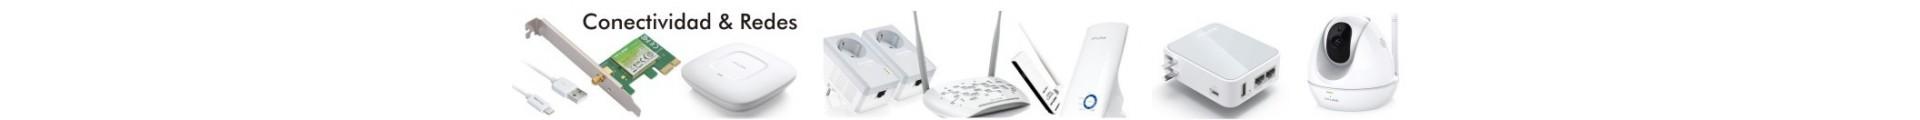 Conectividad & Redes, todo en TP Link redes, sistemas de router